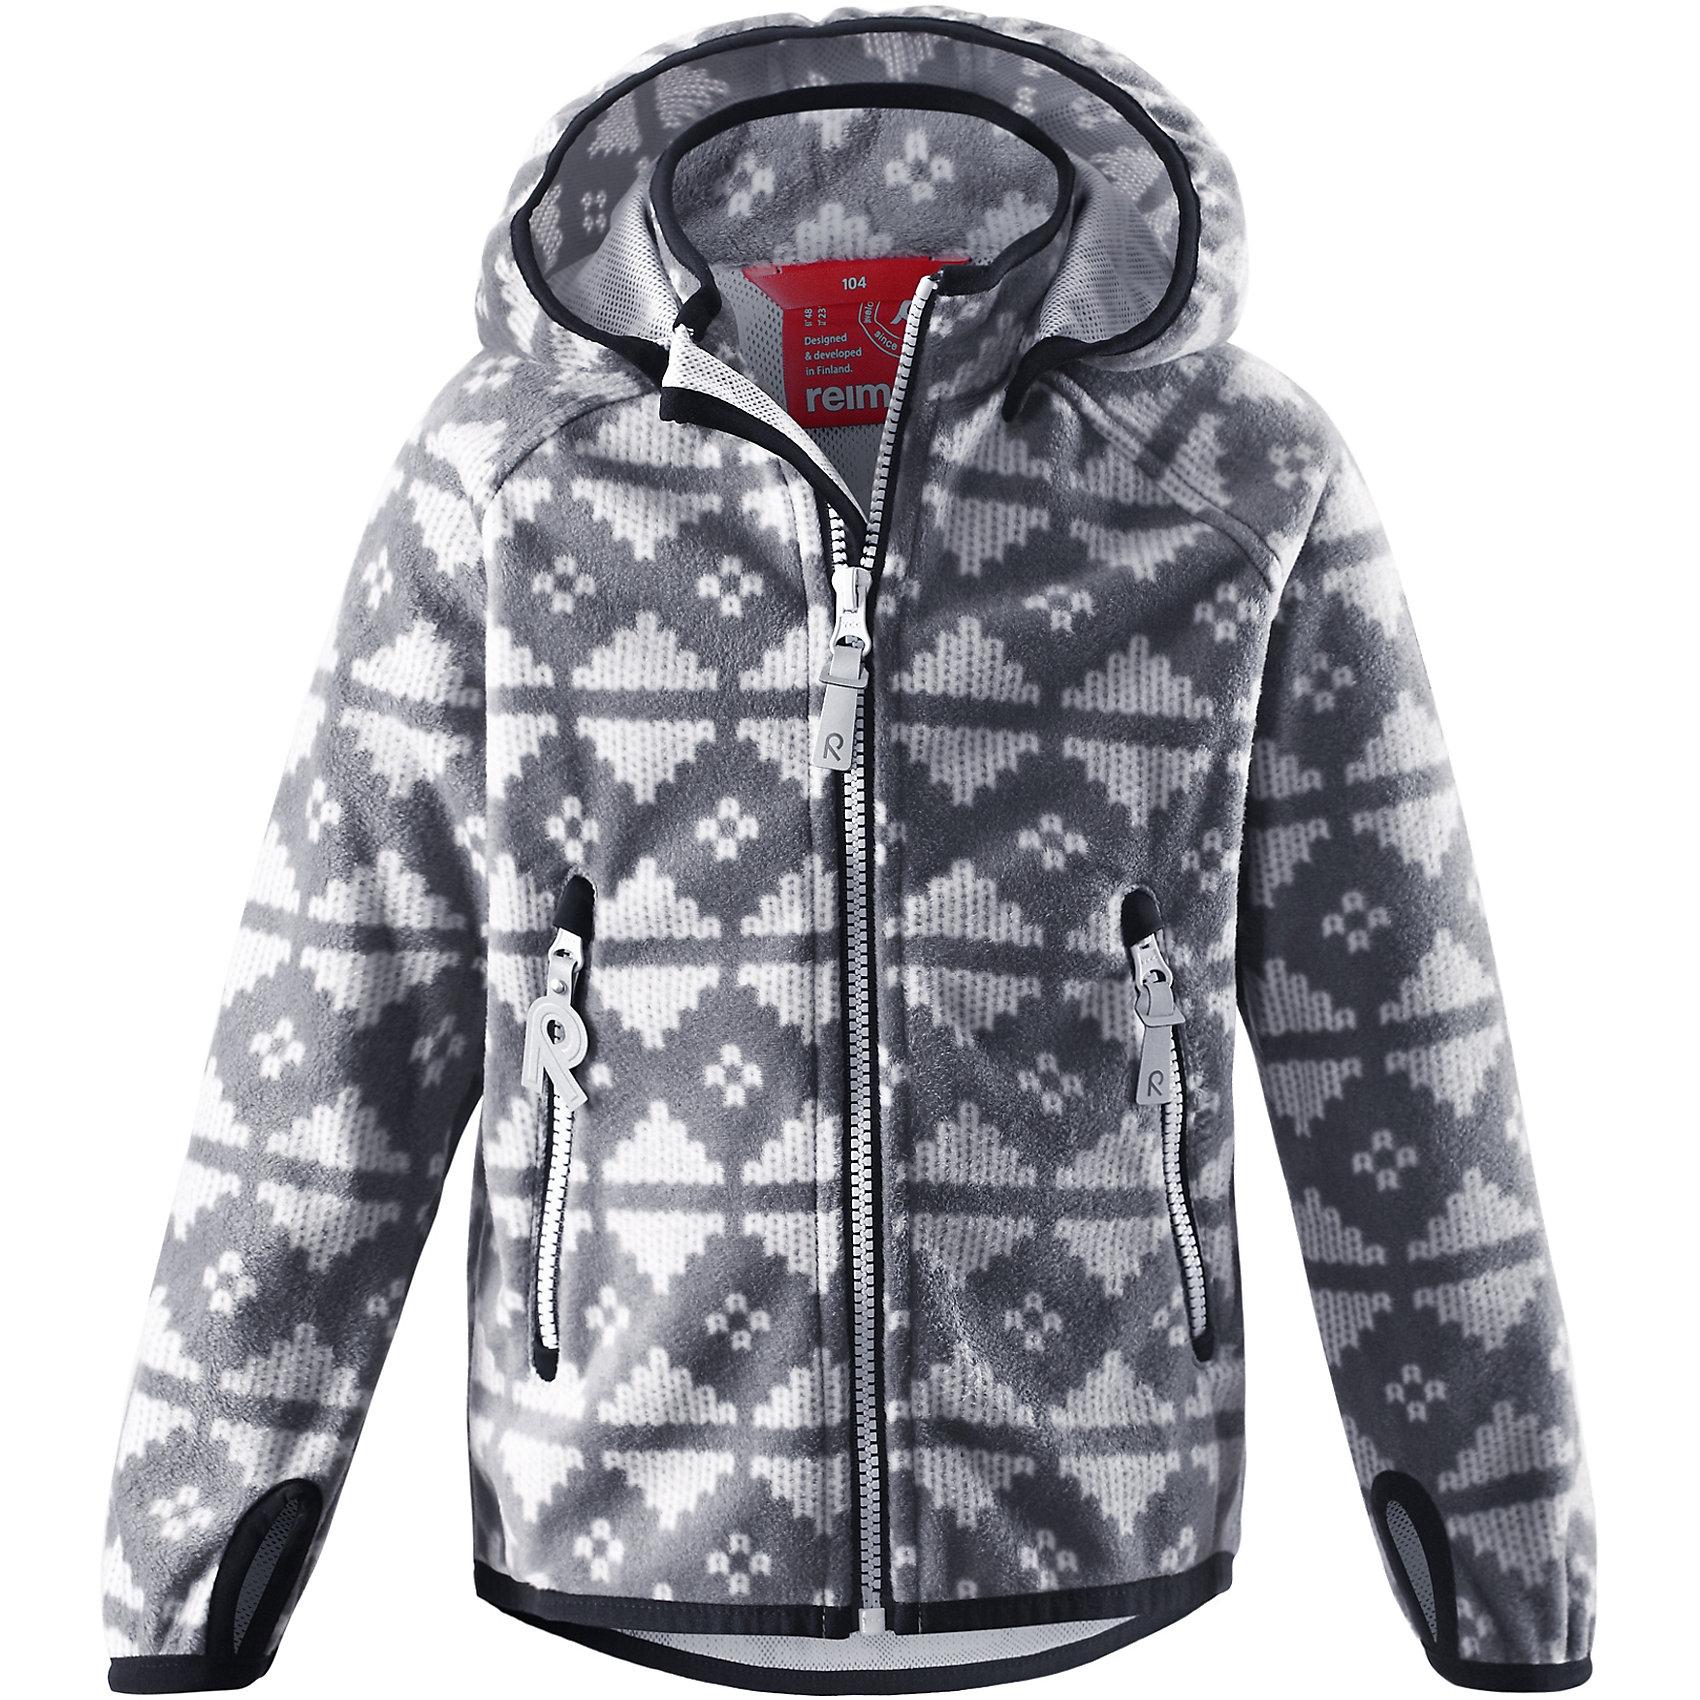 Куртка Ajatus  ReimaОдежда<br>Куртка  Reima<br>Куртка из материала softshell для детей. Из ветронепроницаемого материала, но изделие «дышит». Безопасный, съемный капюшон. Эластичная резинка на кромке капюшона, манжетах и подоле. Два кармана на молнии. Принт по всей поверхности.<br>Уход:<br>Стирать по отдельности. Застегнуть молнии и липучки. Стирать моющим средством, не содержащим отбеливающие вещества. Полоскать без специального средства. Во избежание изменения цвета изделие необходимо вынуть из стиральной машинки незамедлительно после окончания программы стирки. Сушить при низкой температуре.<br>Состав:<br>100% Полиэстер, полиуретановая мембрана<br><br>Ширина мм: 356<br>Глубина мм: 10<br>Высота мм: 245<br>Вес г: 519<br>Цвет: серый<br>Возраст от месяцев: 36<br>Возраст до месяцев: 48<br>Пол: Унисекс<br>Возраст: Детский<br>Размер: 104,110,128,140,122,116,134<br>SKU: 4777850